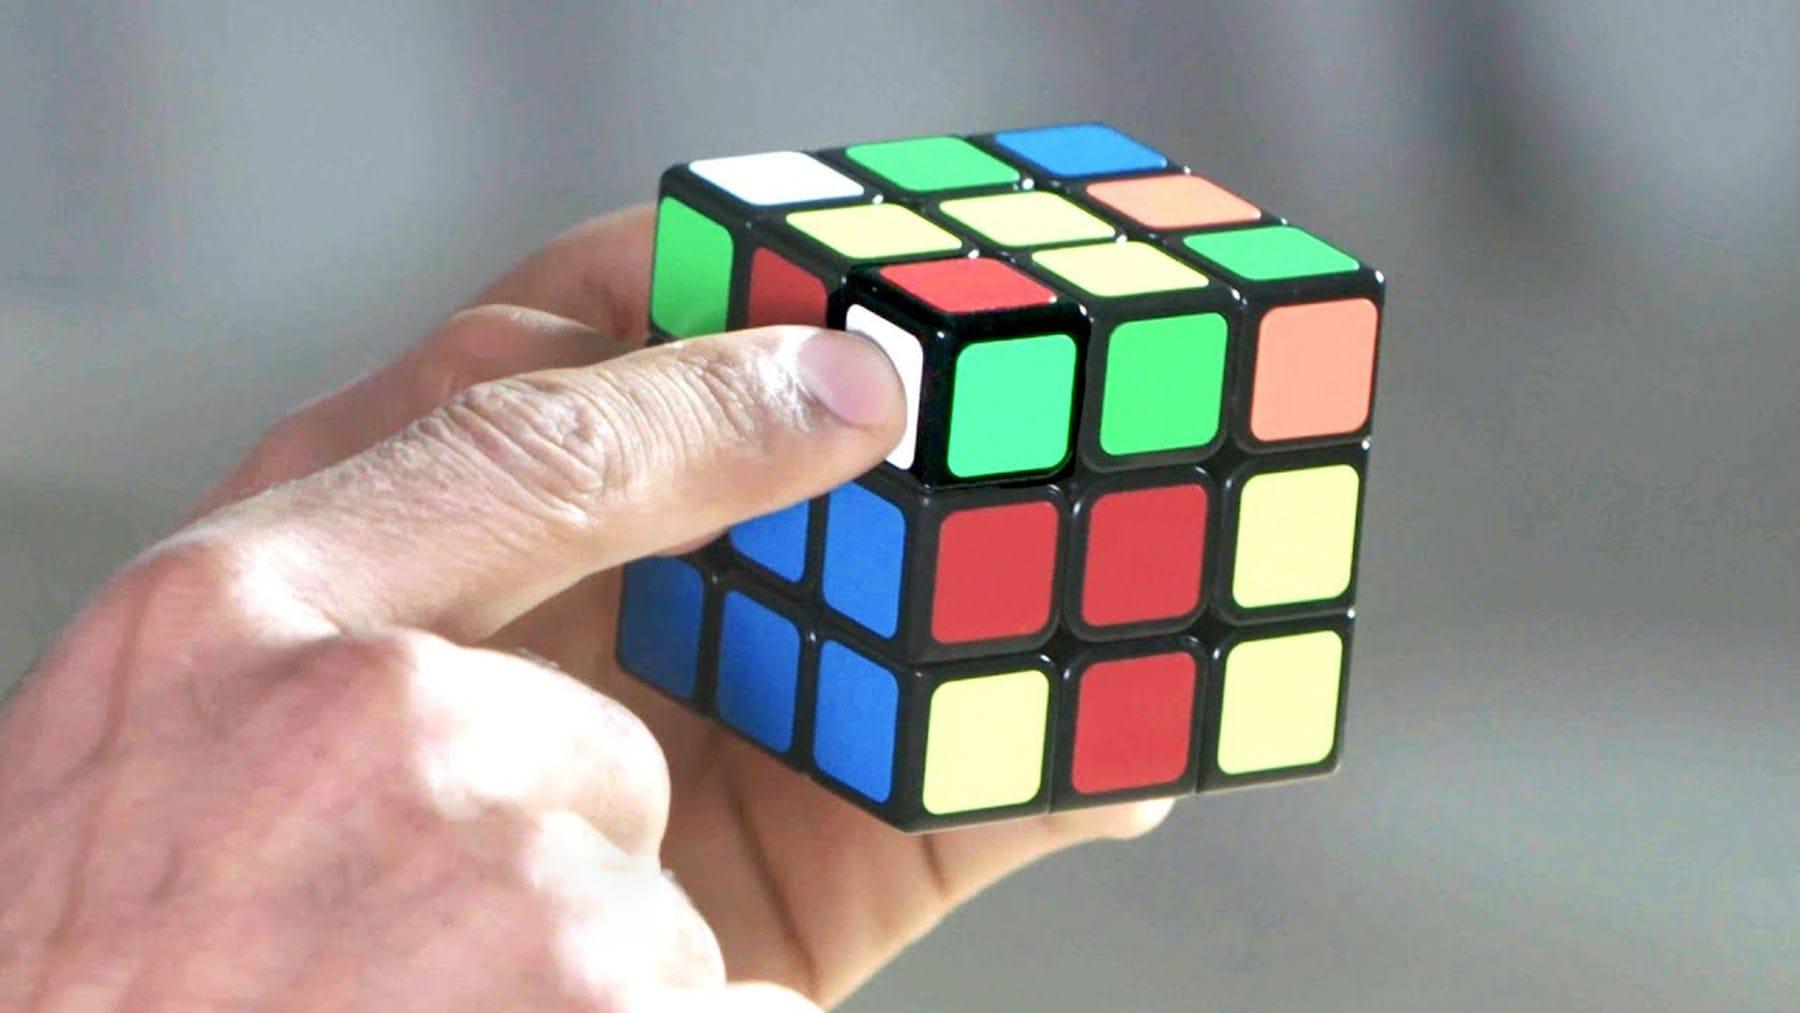 Wie man einen Zauberwürfel löst | Was gelernt | Was is hier eigentlich los?